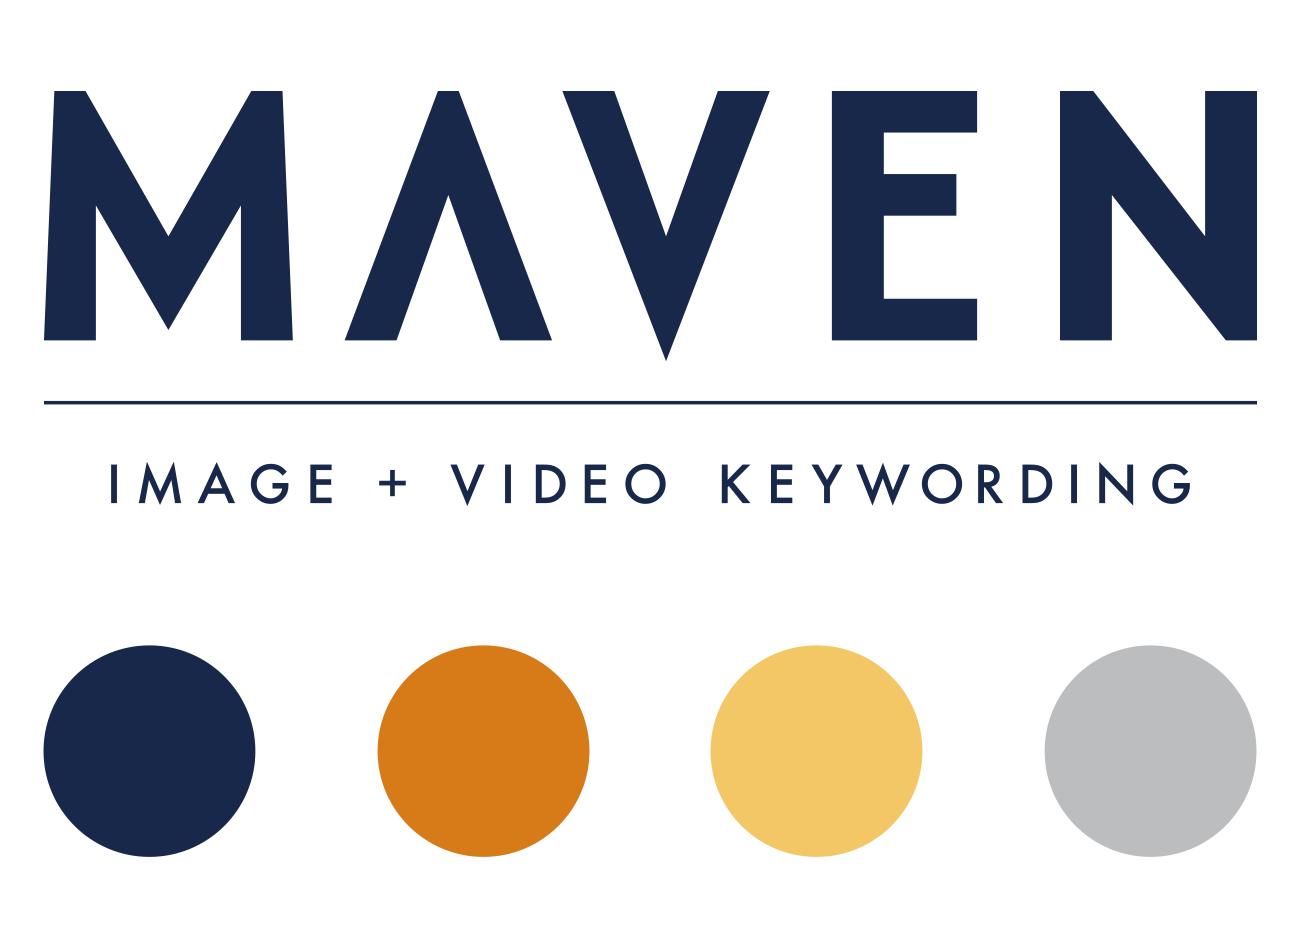 maven-logo-colors.png